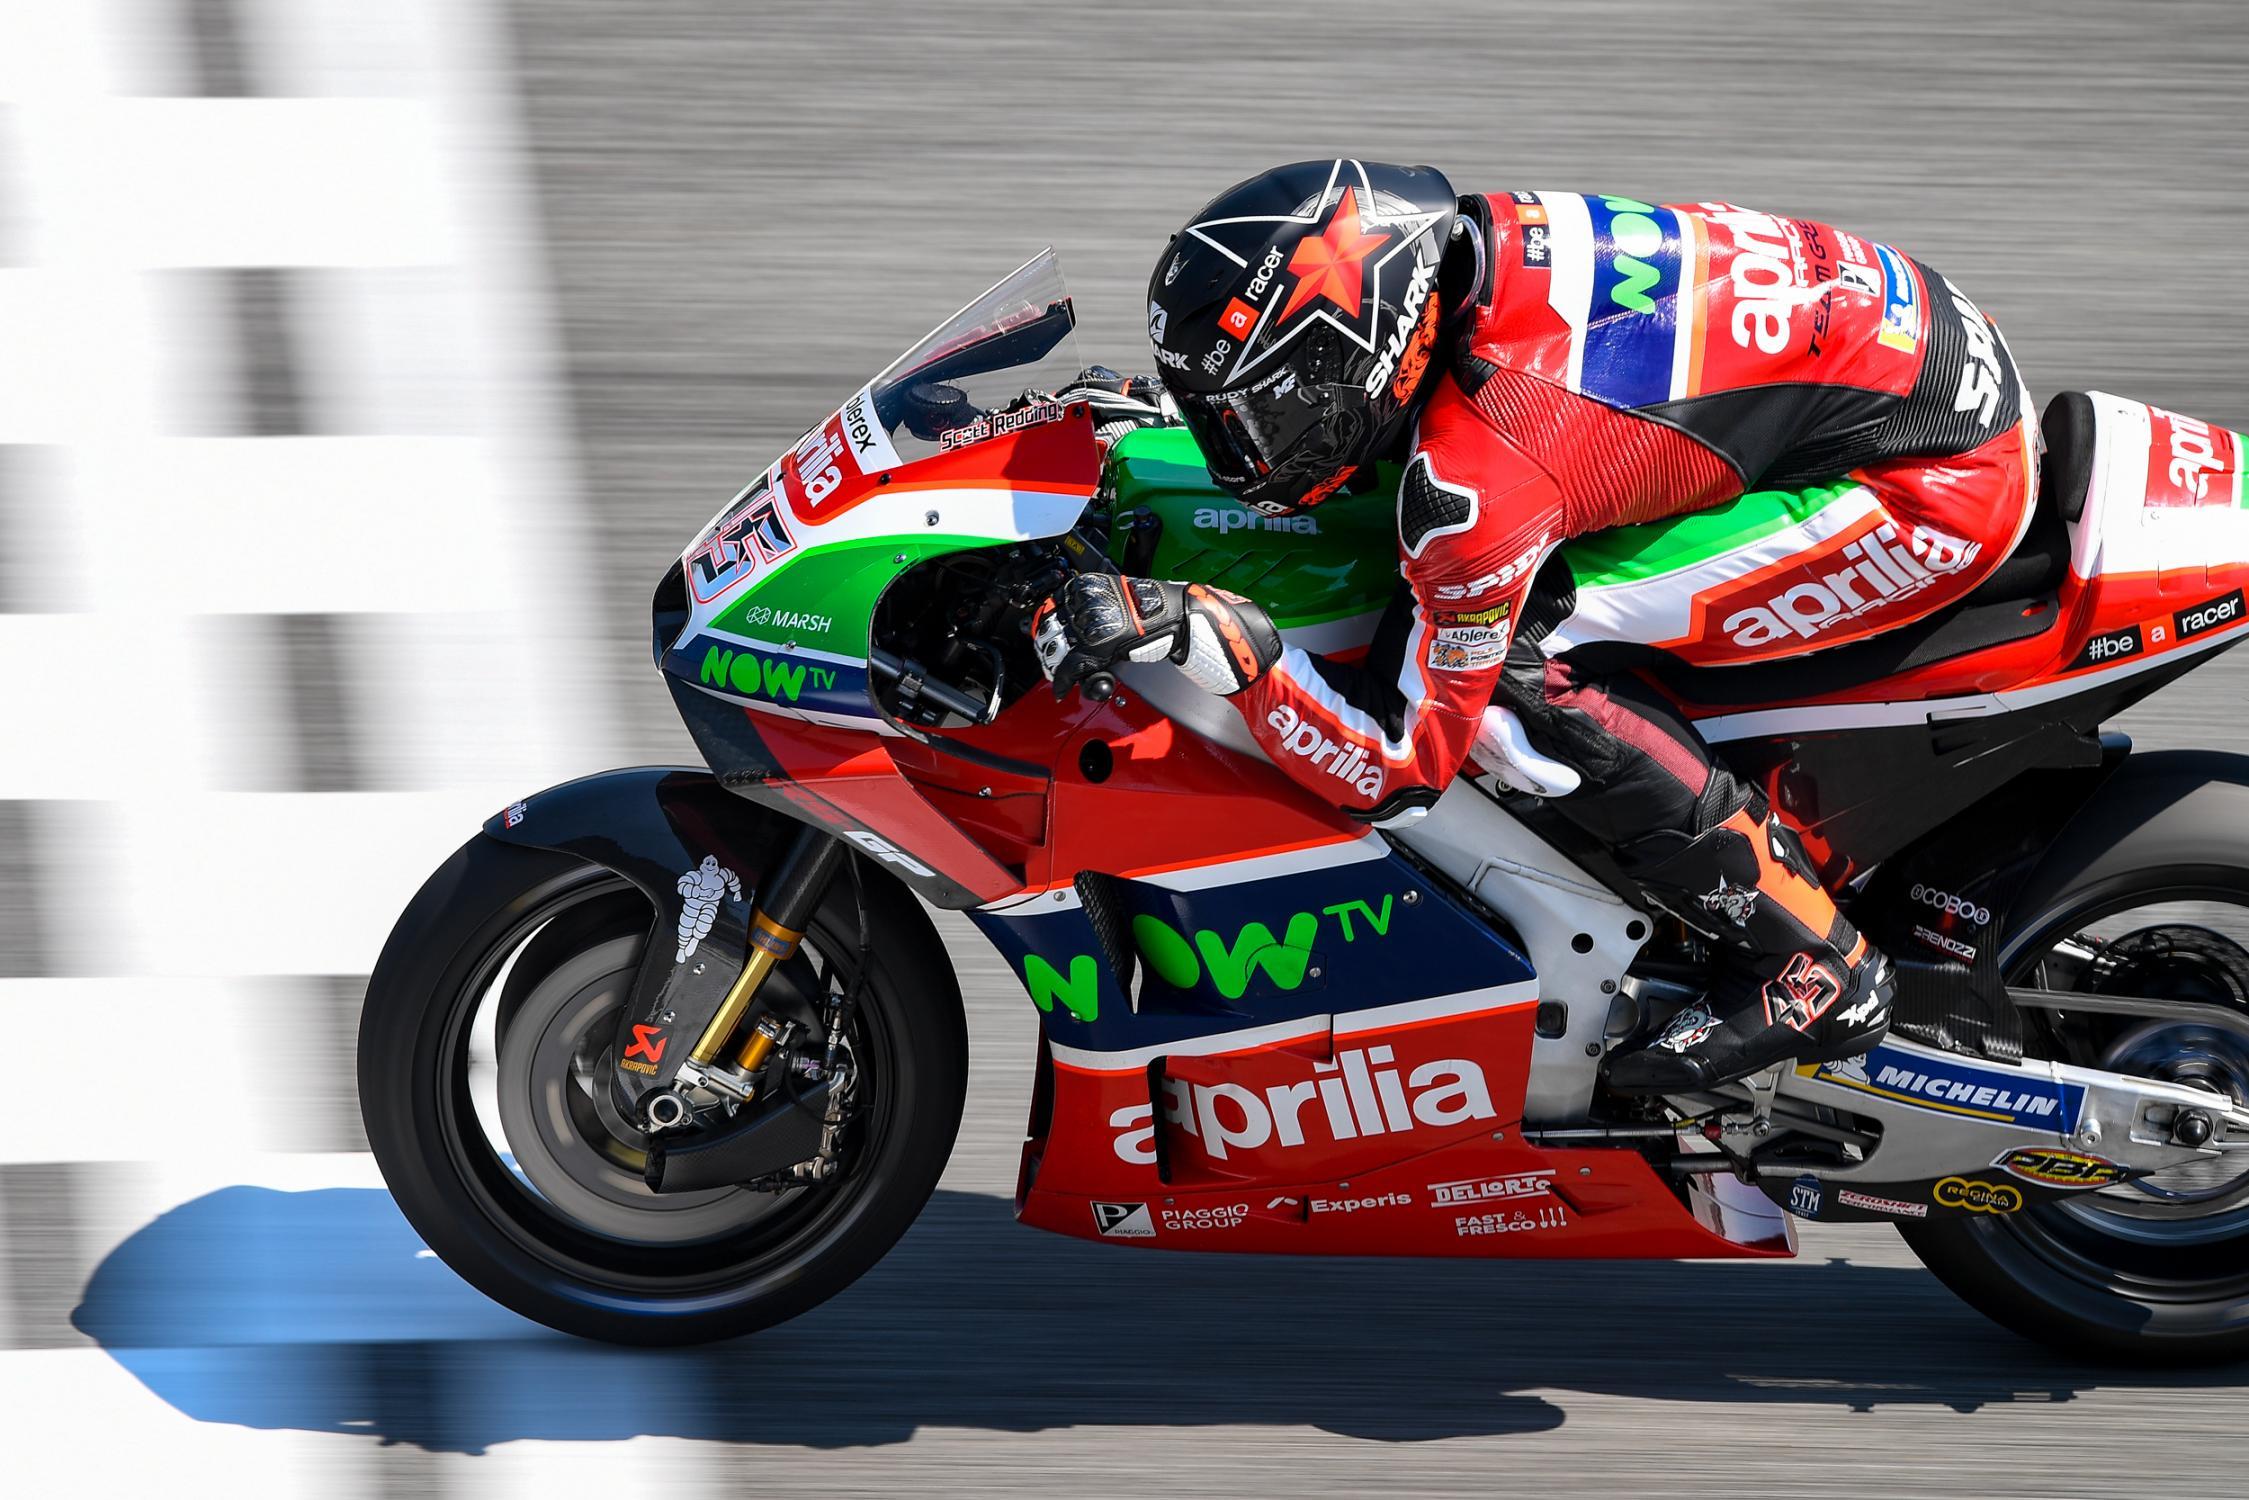 Výsledky tréninků MotoGP Thajska 2018